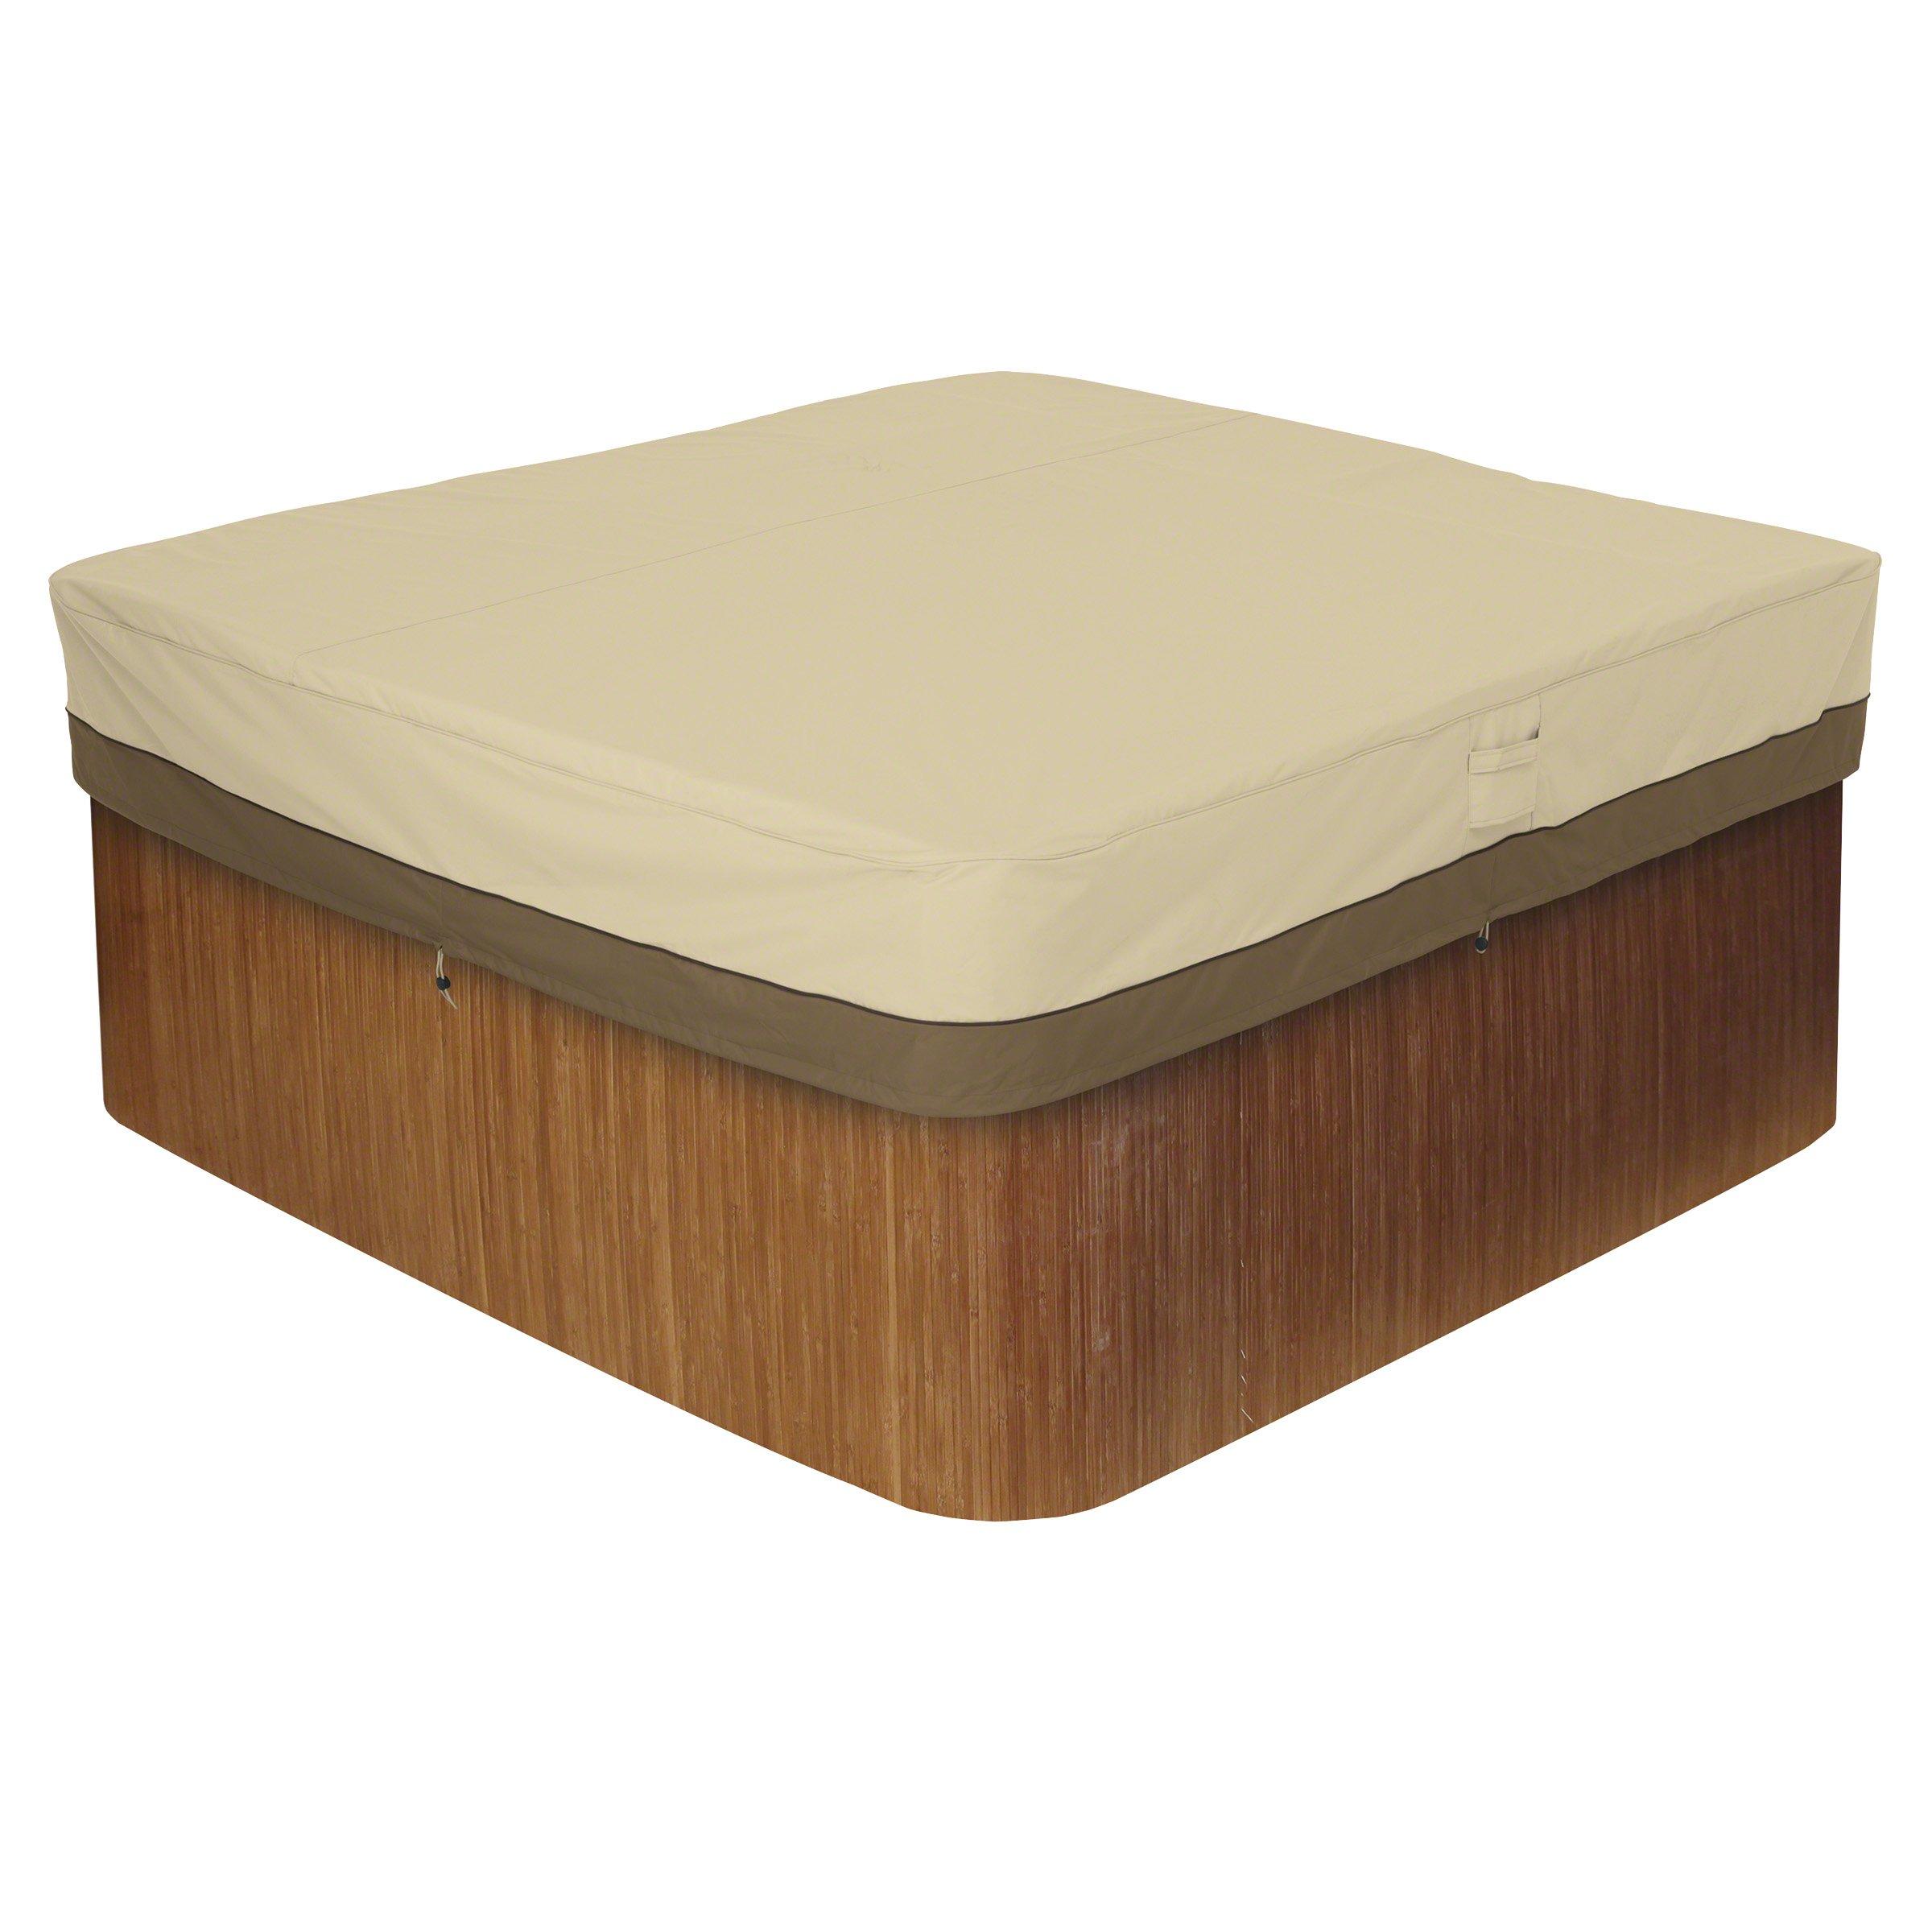 Classic Accessories 55-585-011501-00 Veranda Square Hot Tub Cover, Medium